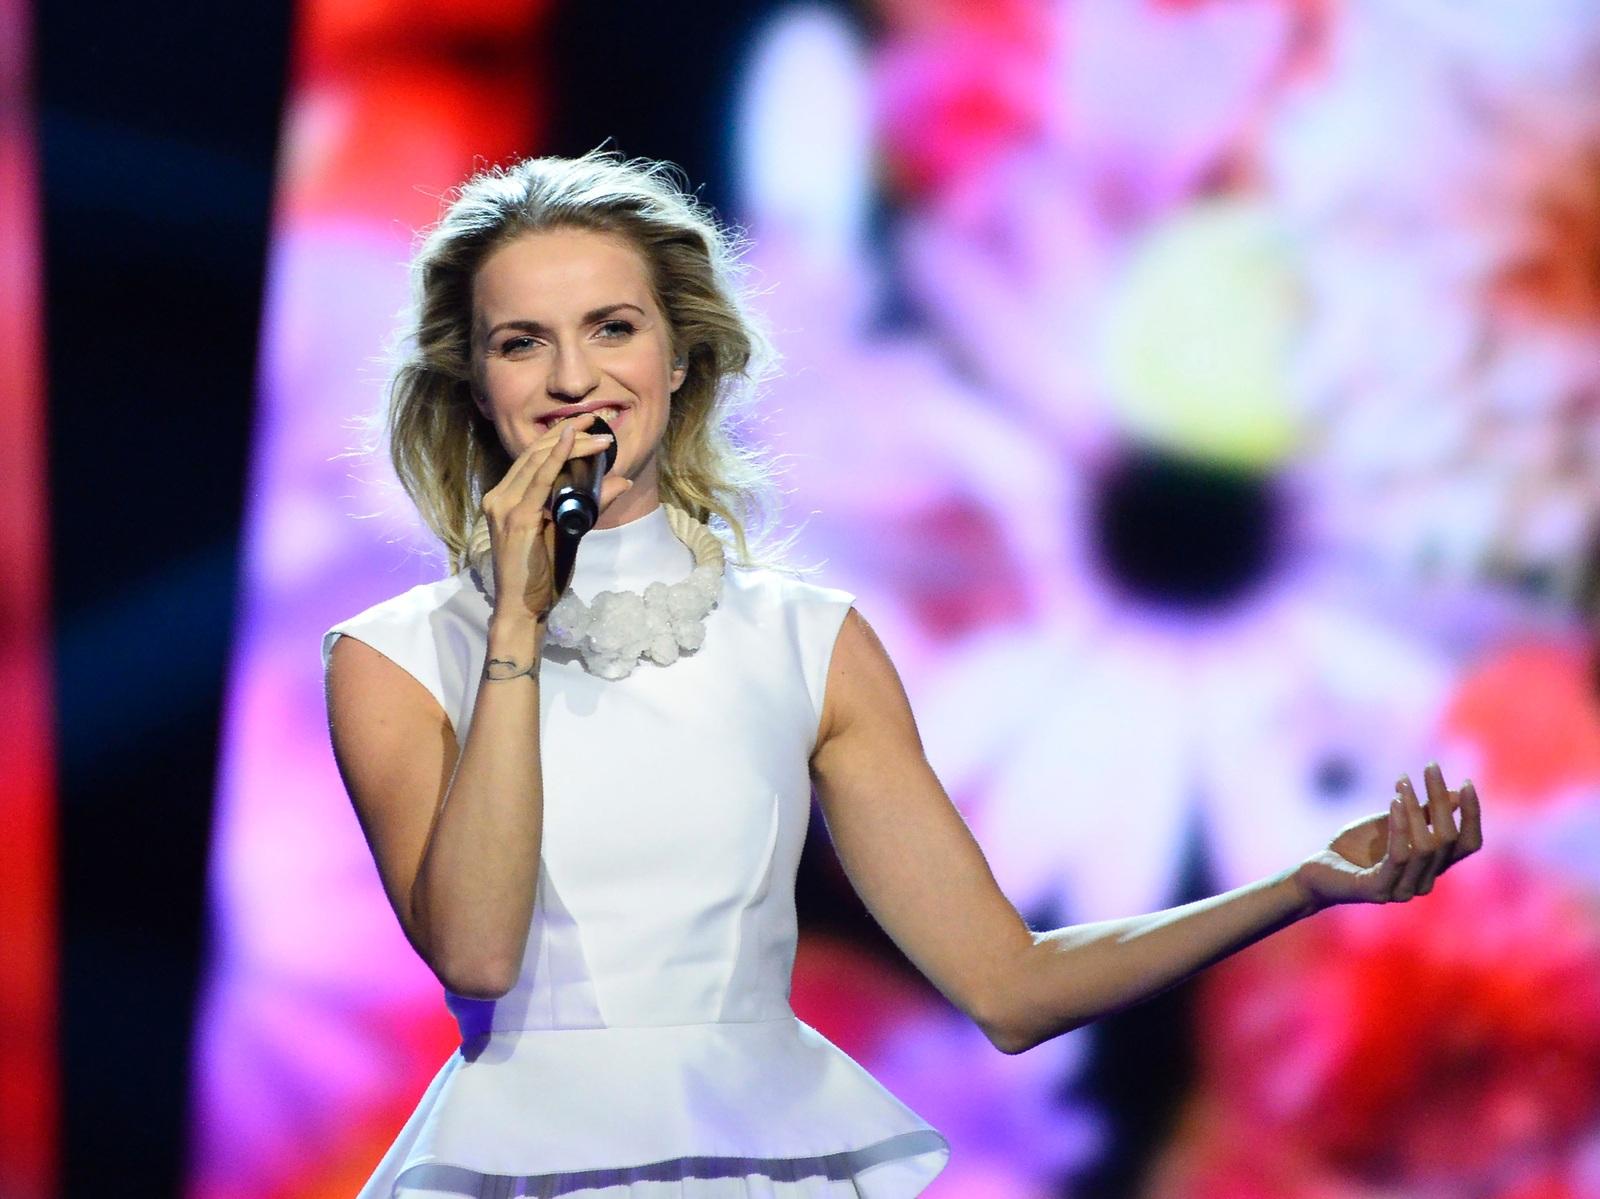 esc 2016 ukraine gewinnt deutschland ganz hinten eurovision song contest. Black Bedroom Furniture Sets. Home Design Ideas